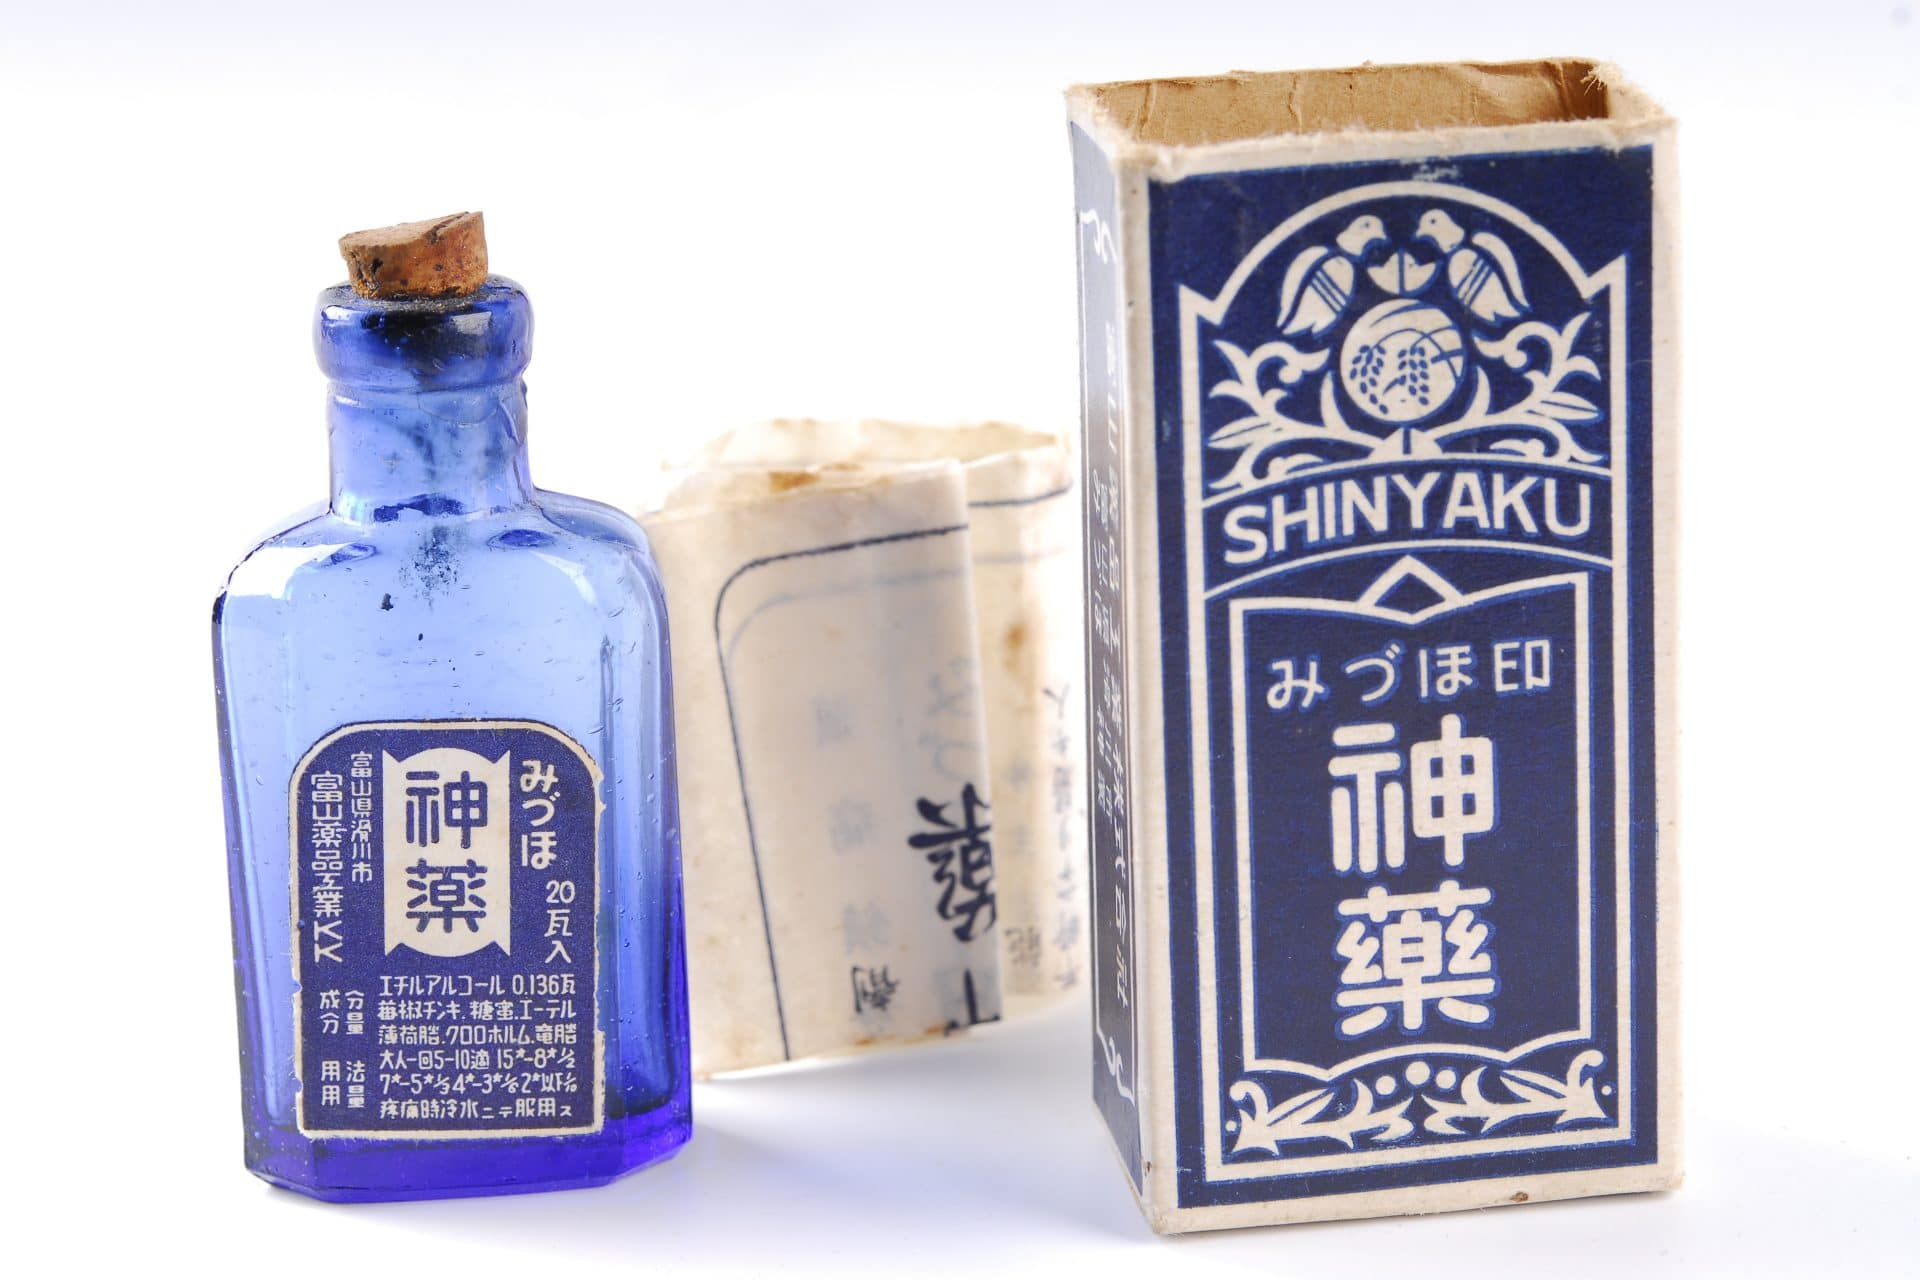 Antique Japanese medicine bottle